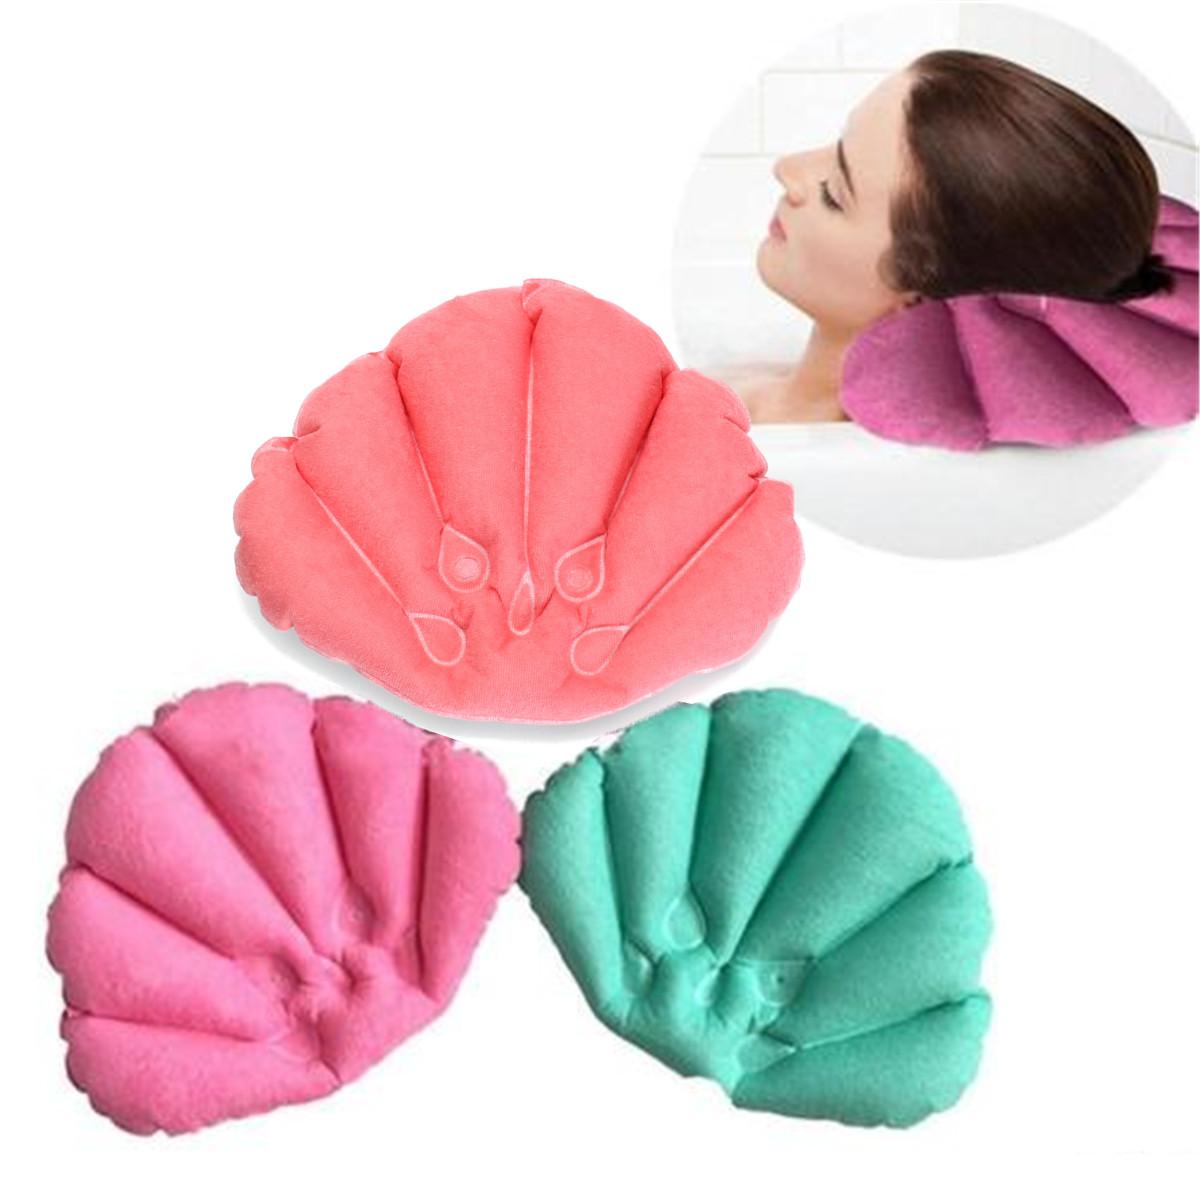 pvc oreiller de bain baignoire spa coussin appuie t te cou reste 2x ventouse achat vente. Black Bedroom Furniture Sets. Home Design Ideas